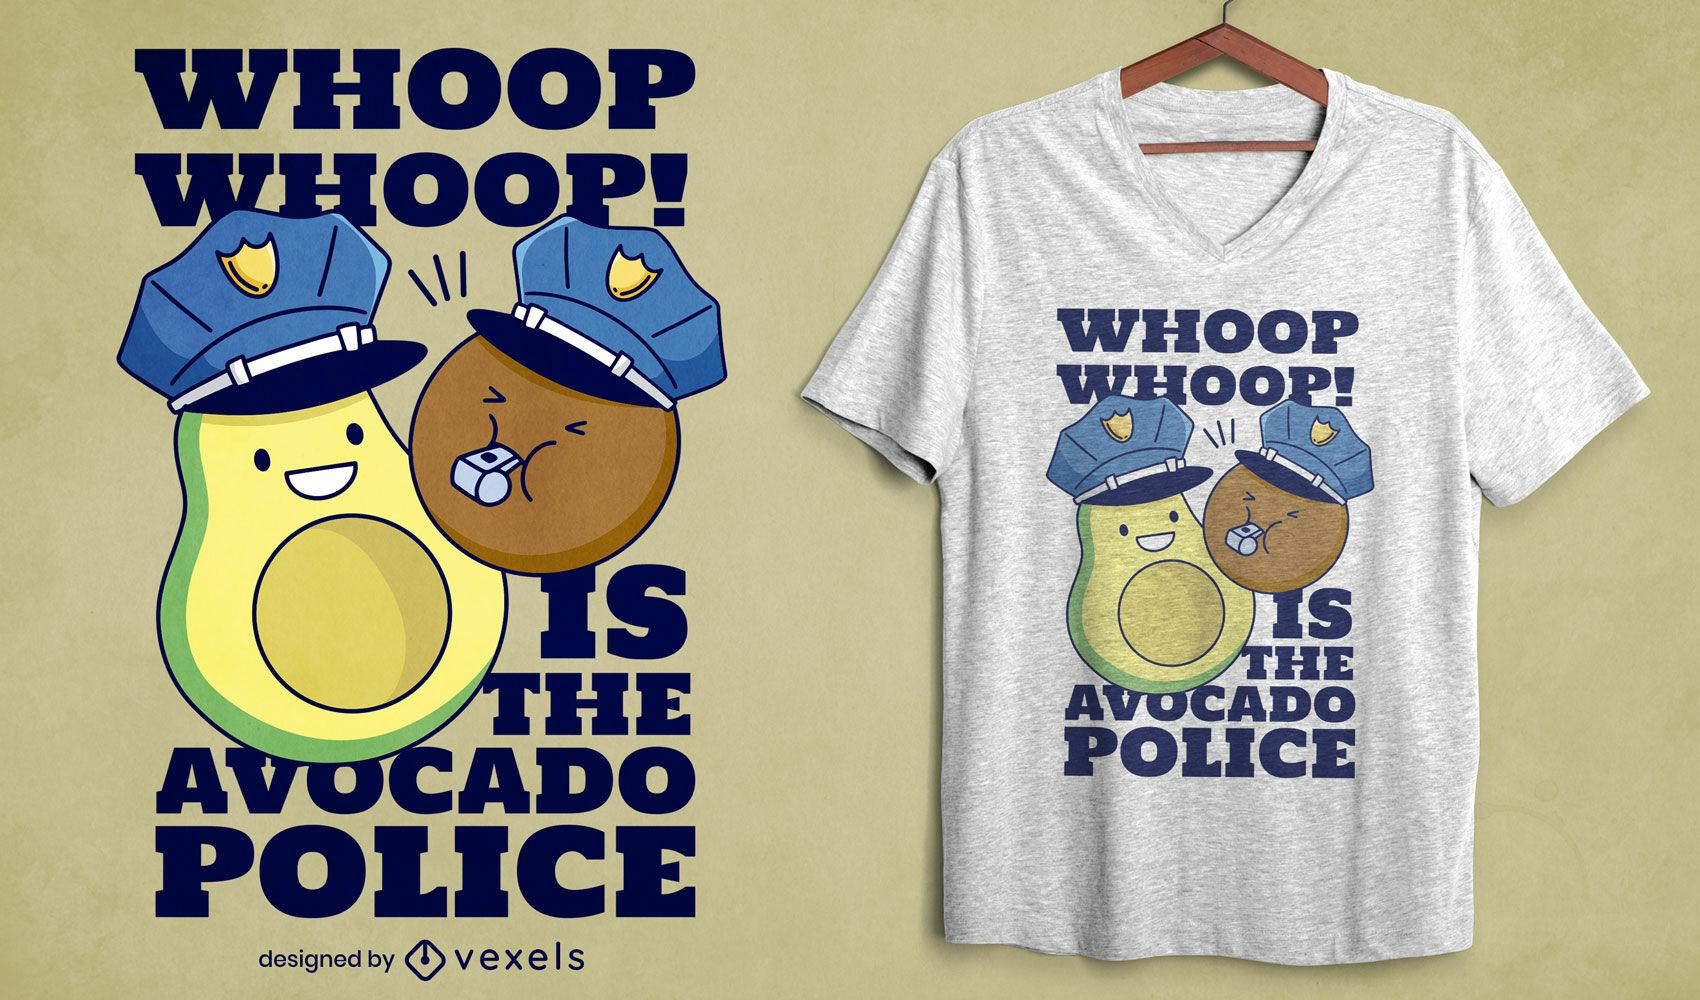 Funny avocado police t-shirt design